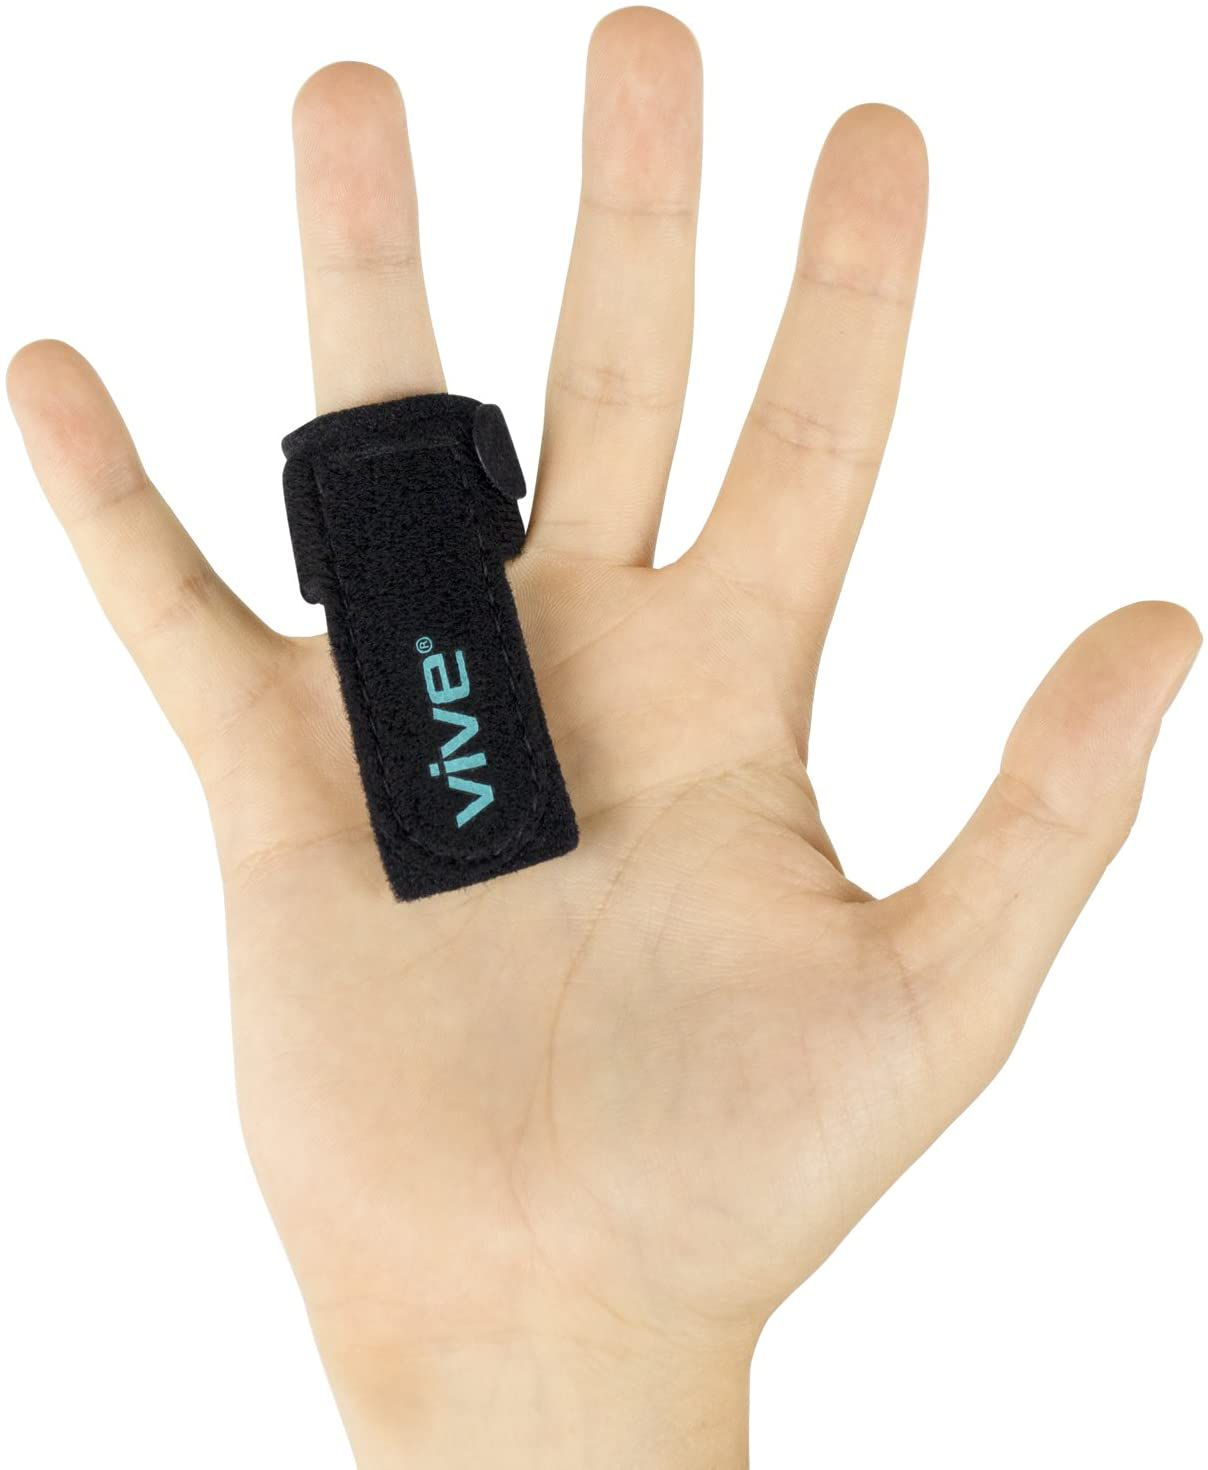 Vive Trigger Finger Splint